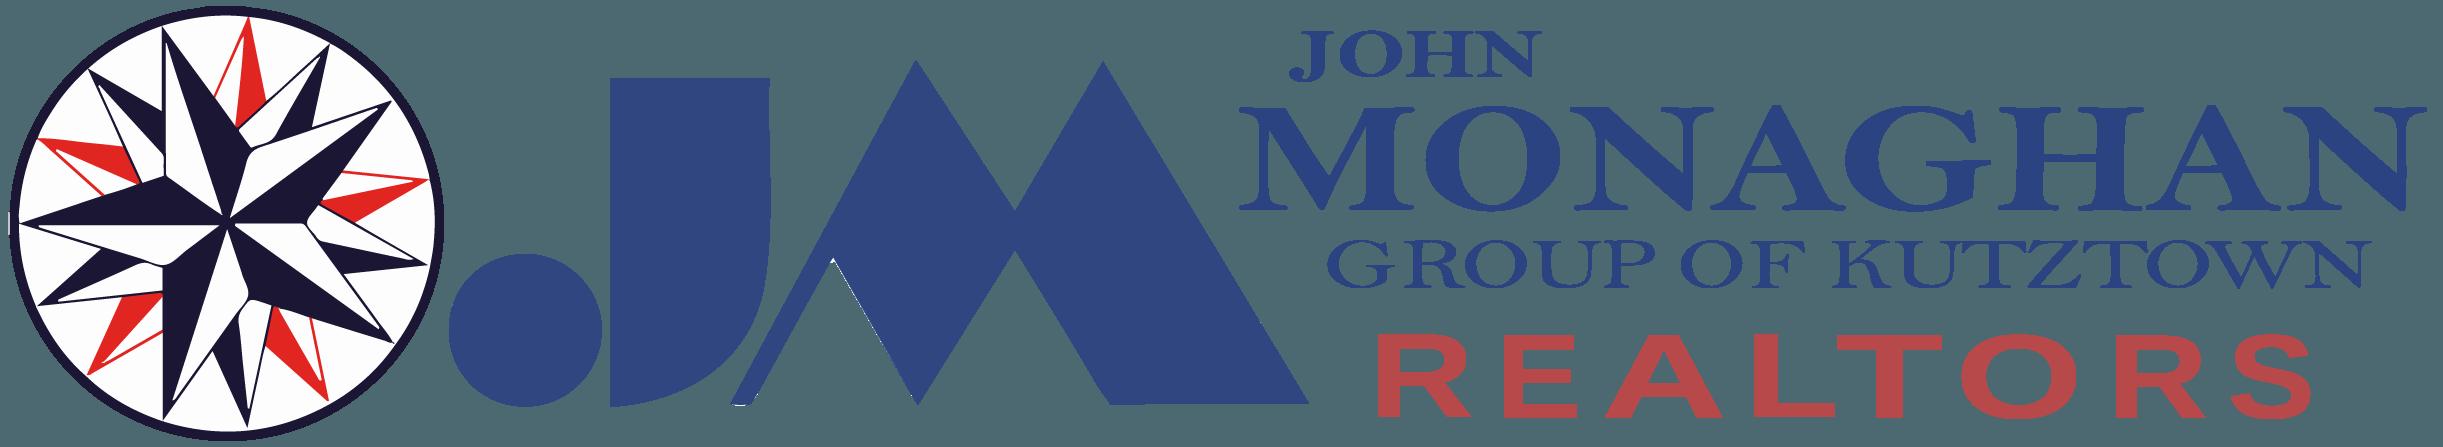 Monaghan Group